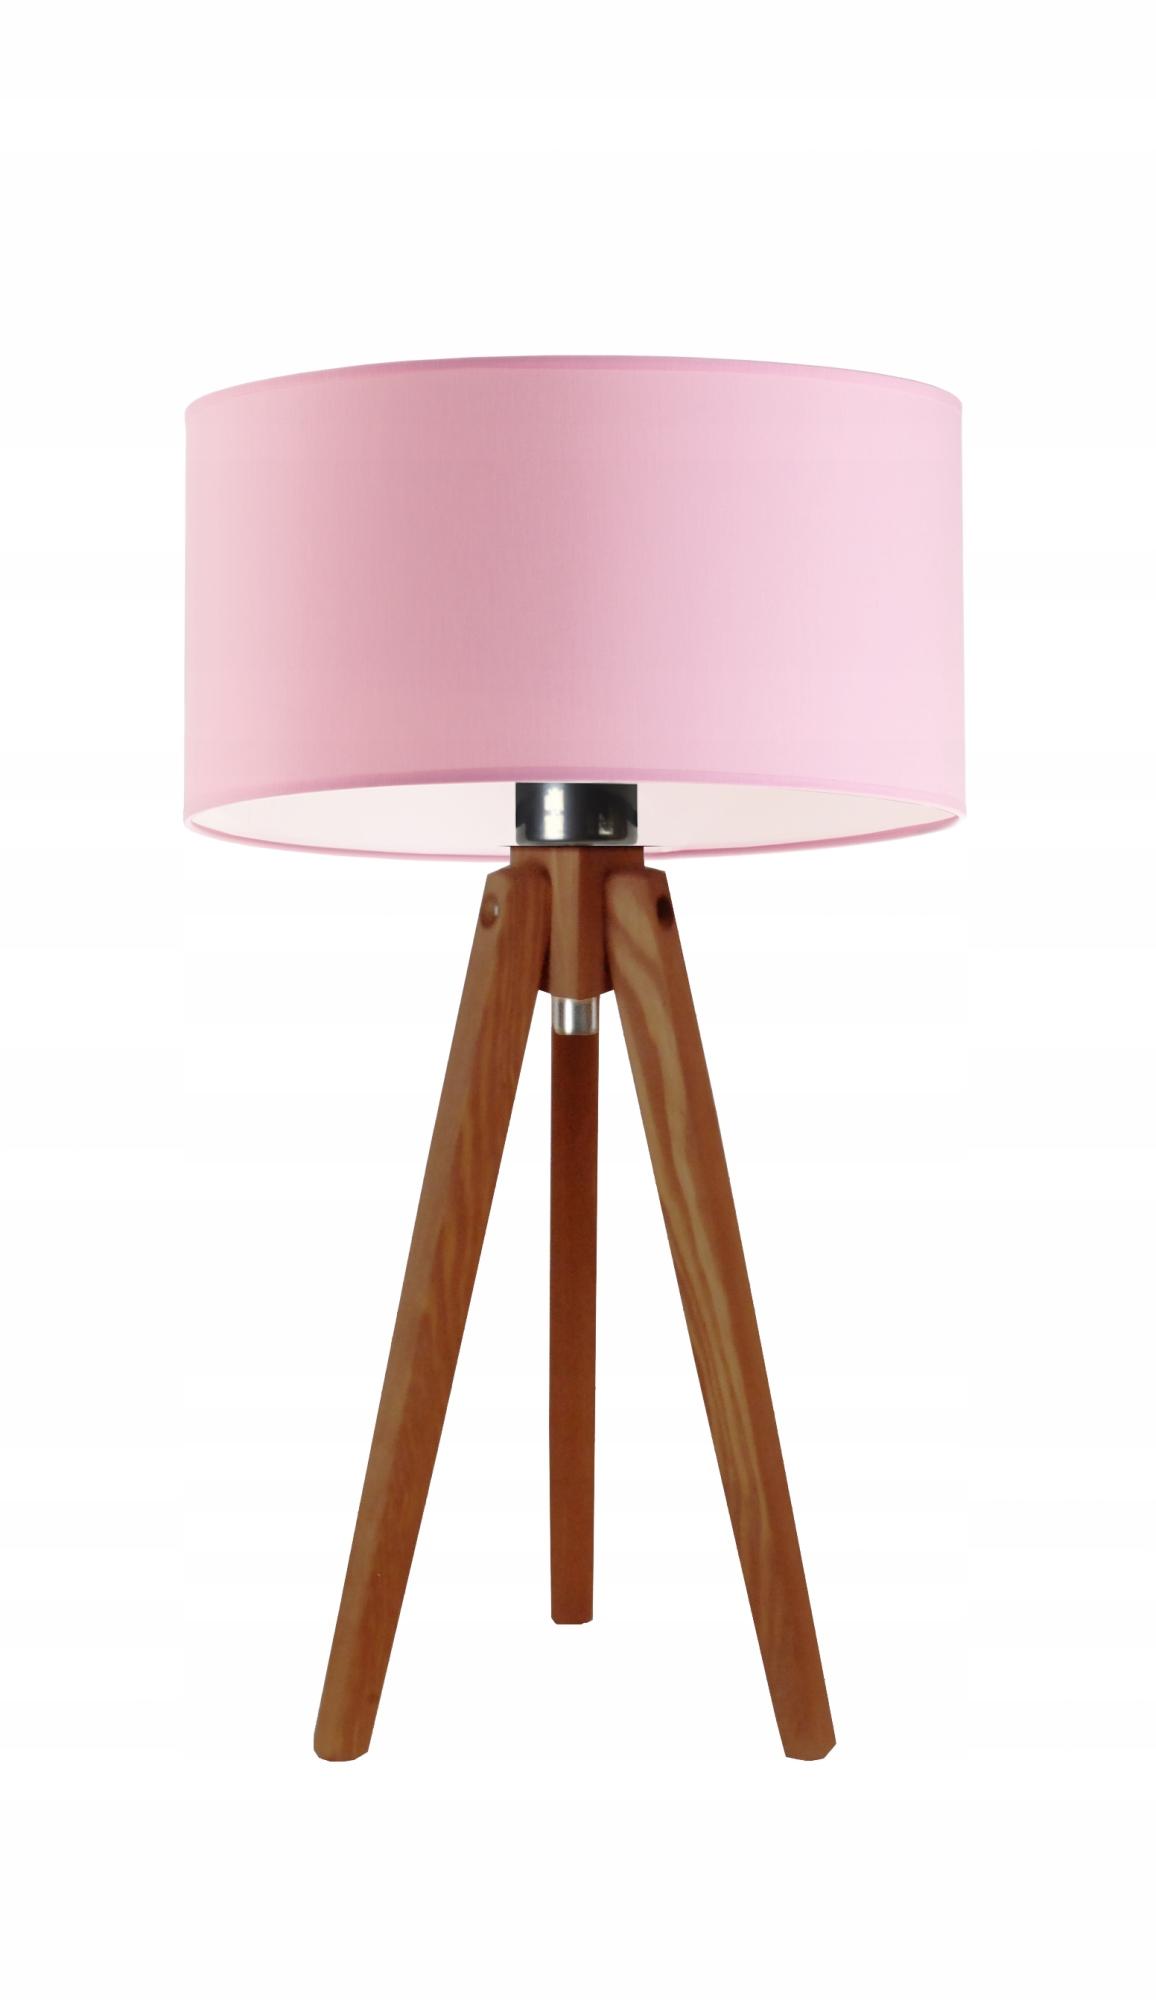 Drevo Lampa noc Stôl Rýchlosť 24 m/hot pink